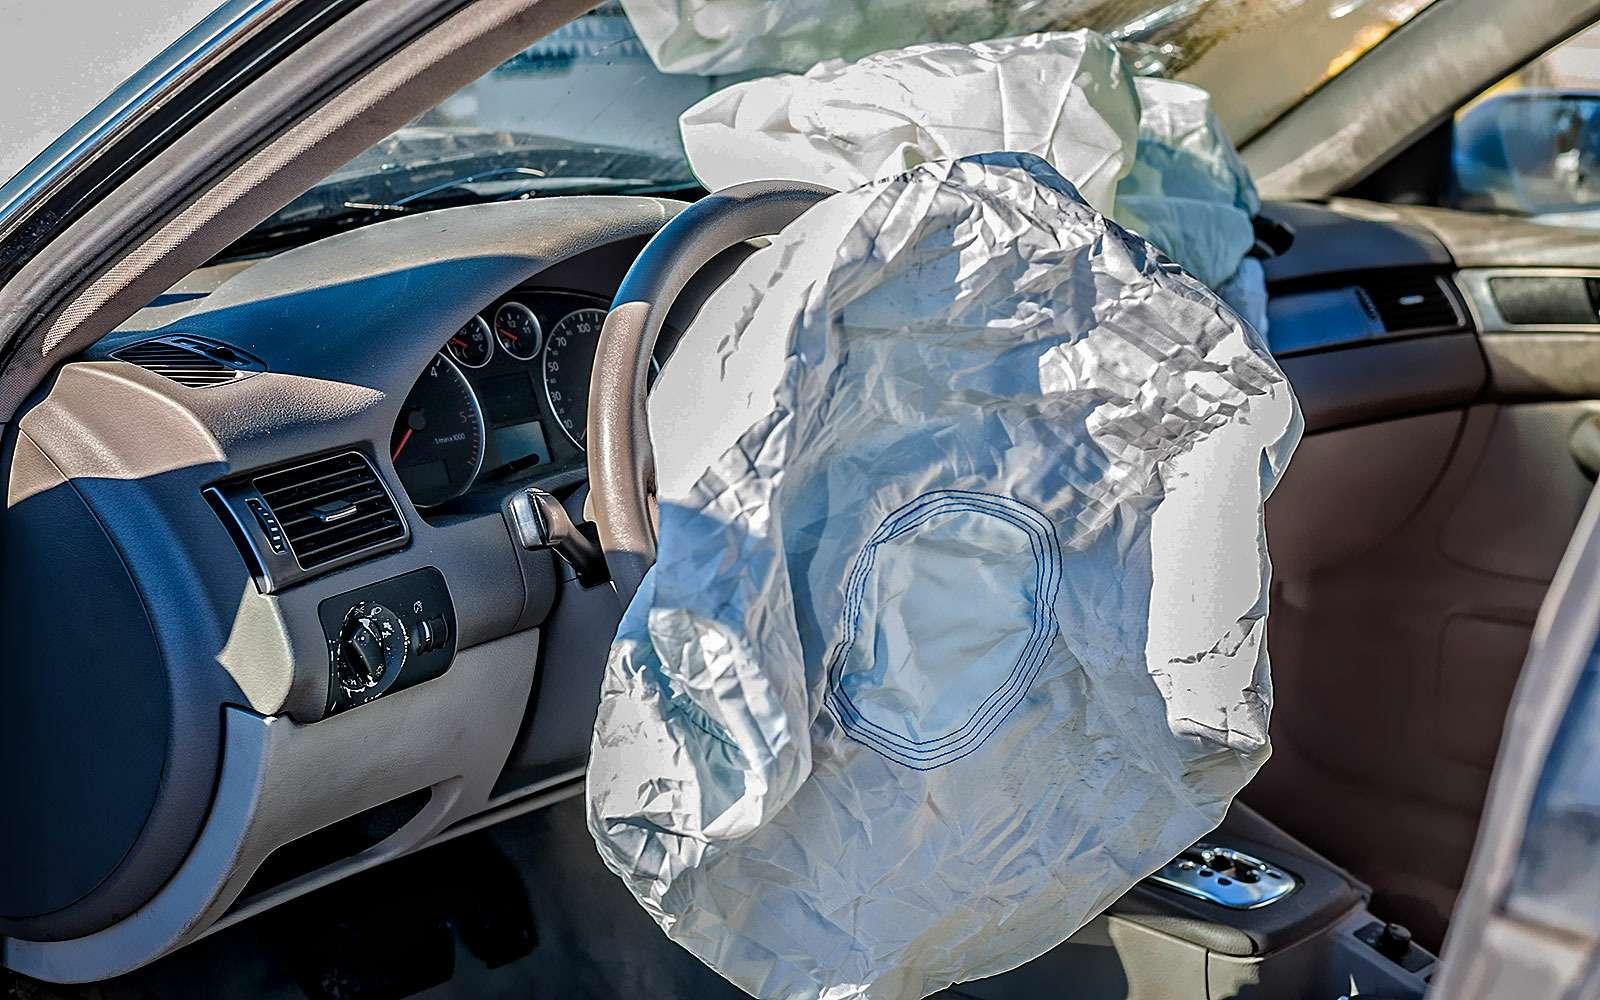 Автопроизводители врут: 7случаев доказанного обмана. Расследование ЗР— фото 807201